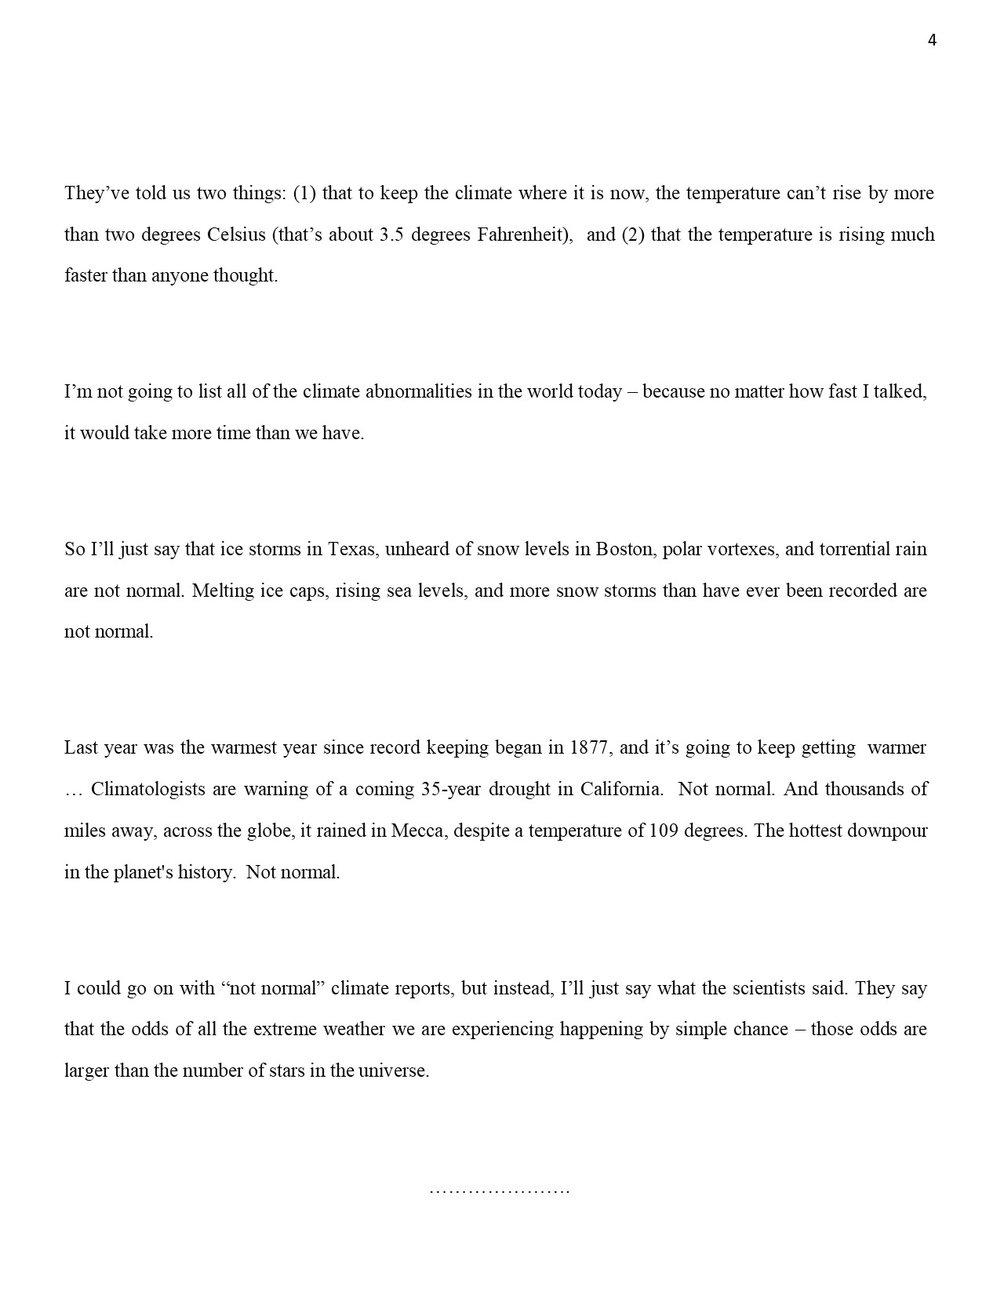 Story of a Hillside - Sabina Virgo (Prose, Essay)-4.jpg